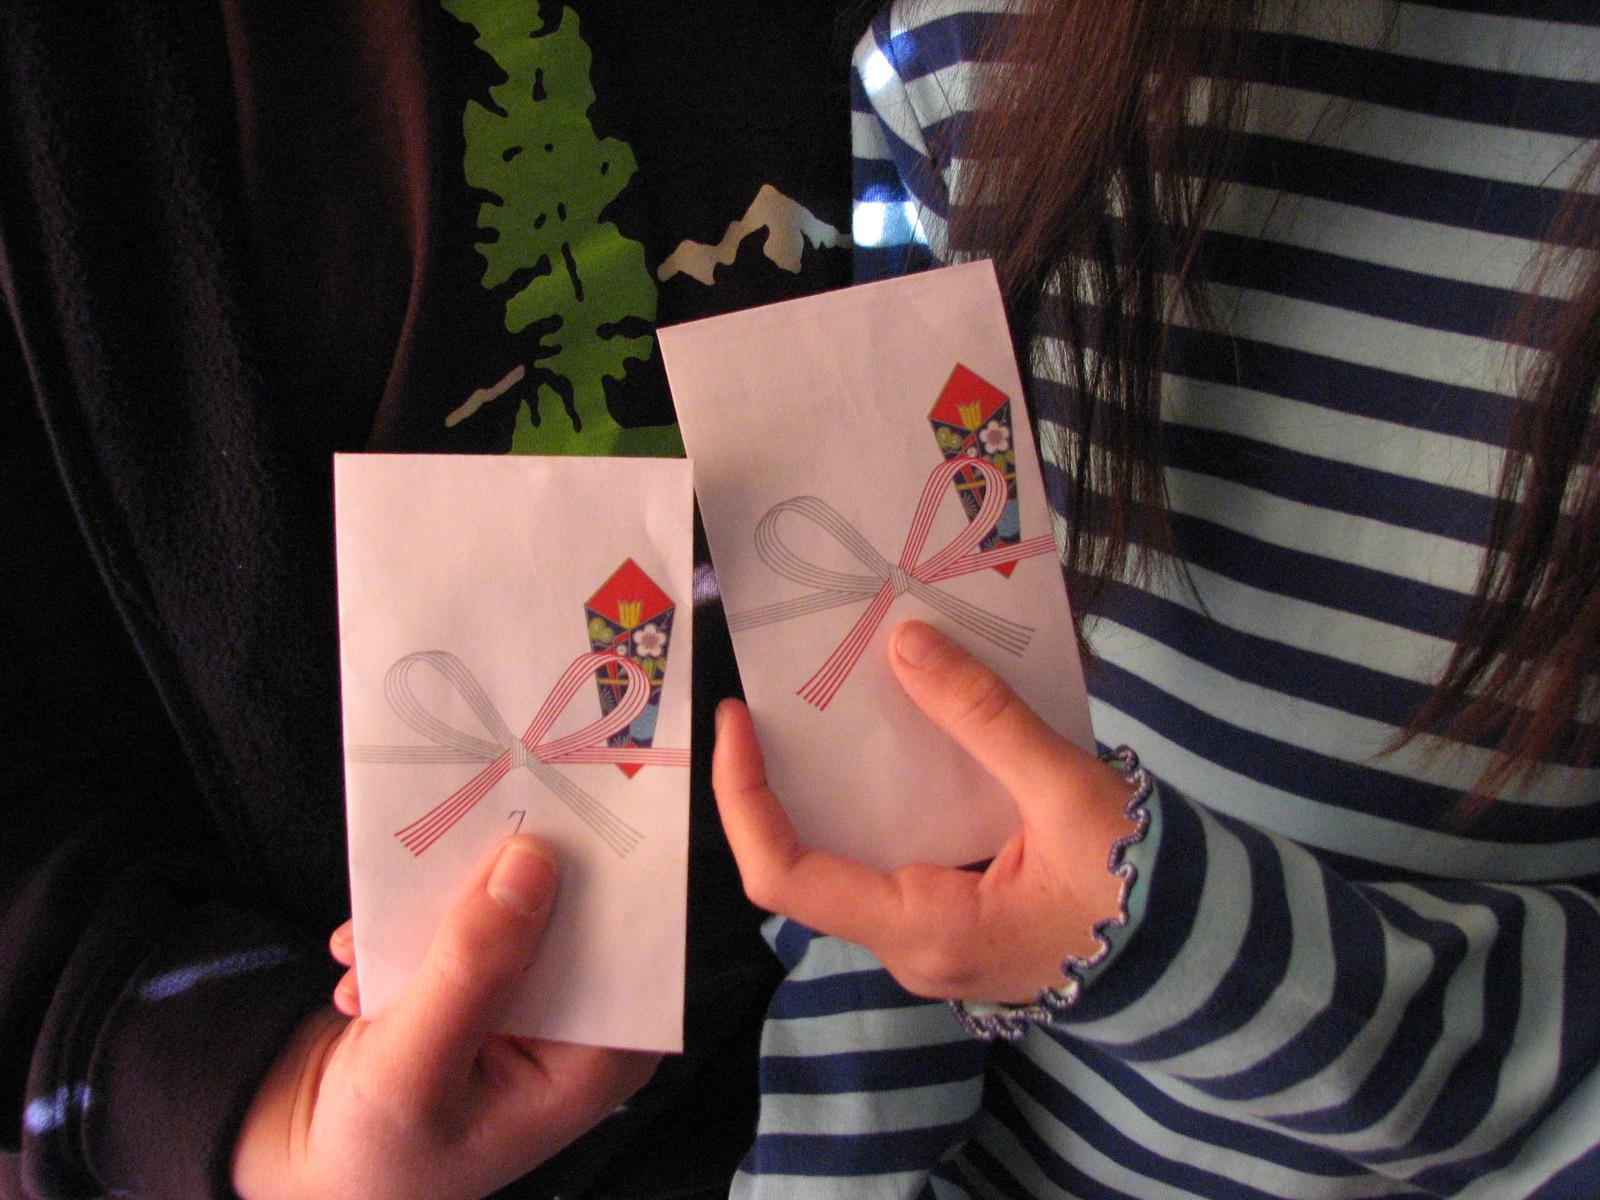 Kinder bekommen in Japan zum Jahreswechsel bunte Umschläge mit Geldgeschenken darin.